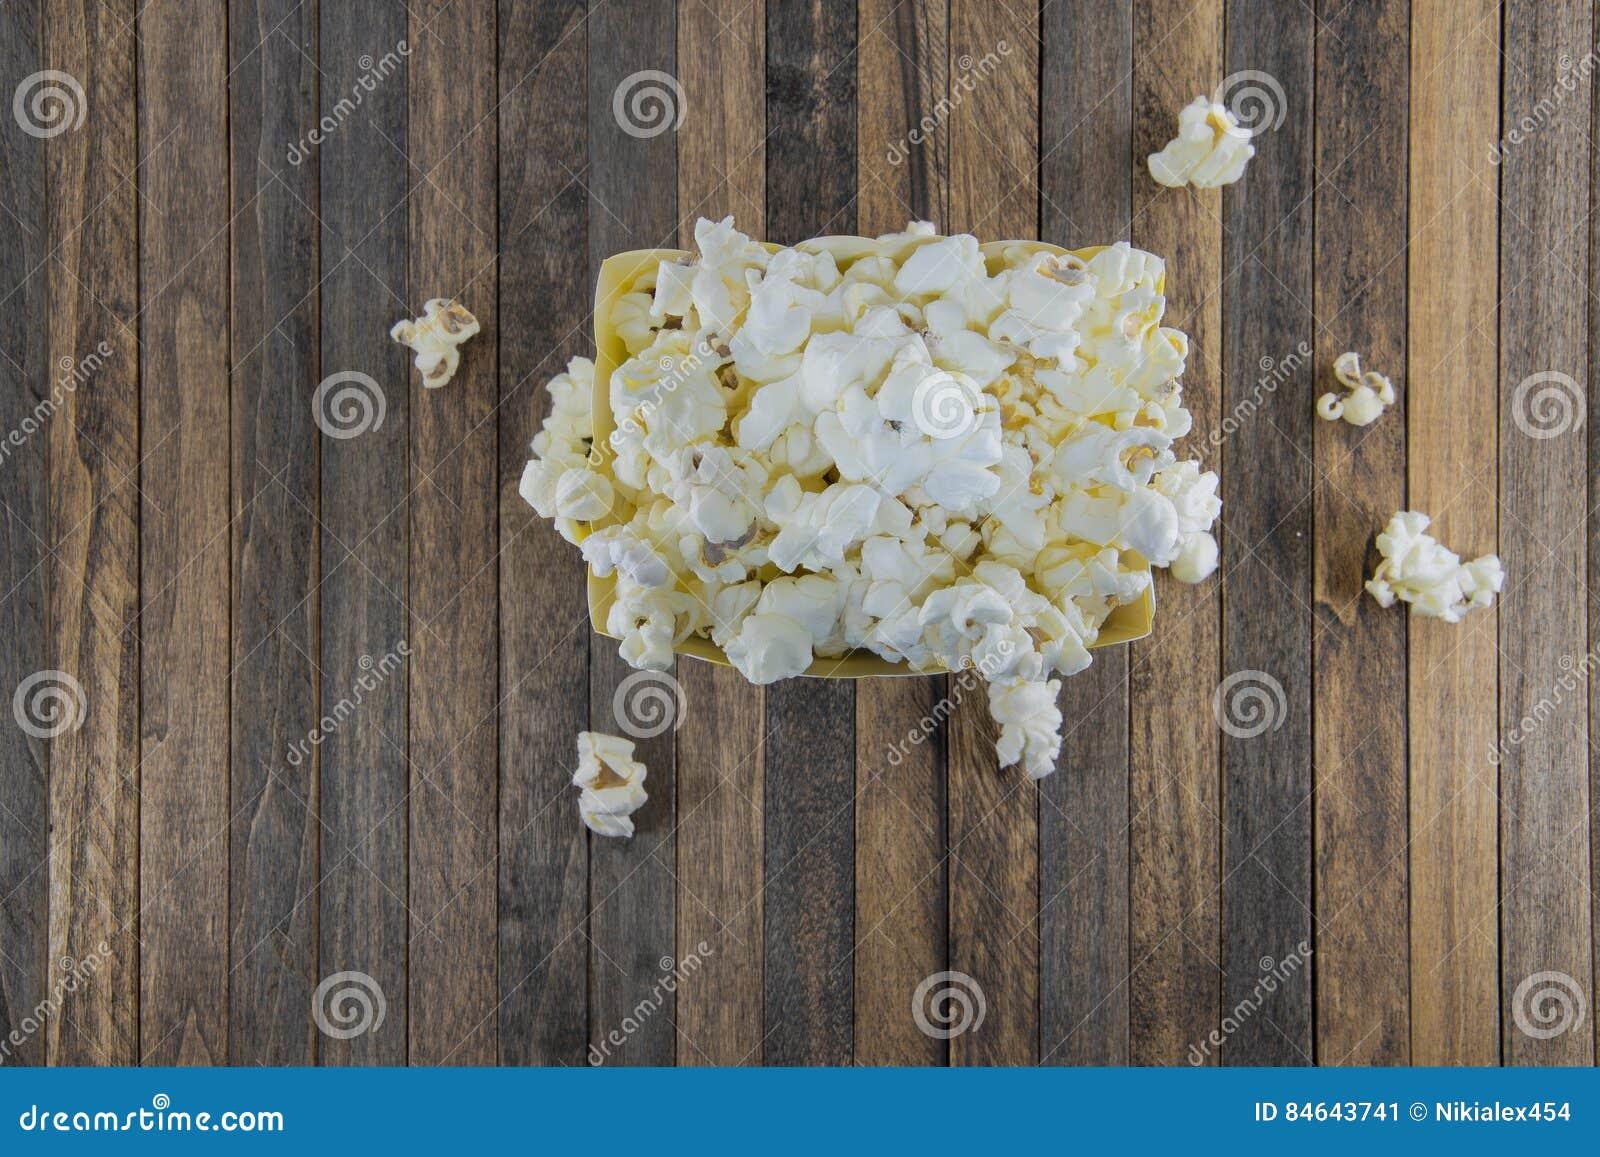 Doos popcorn op een houten achtergrond